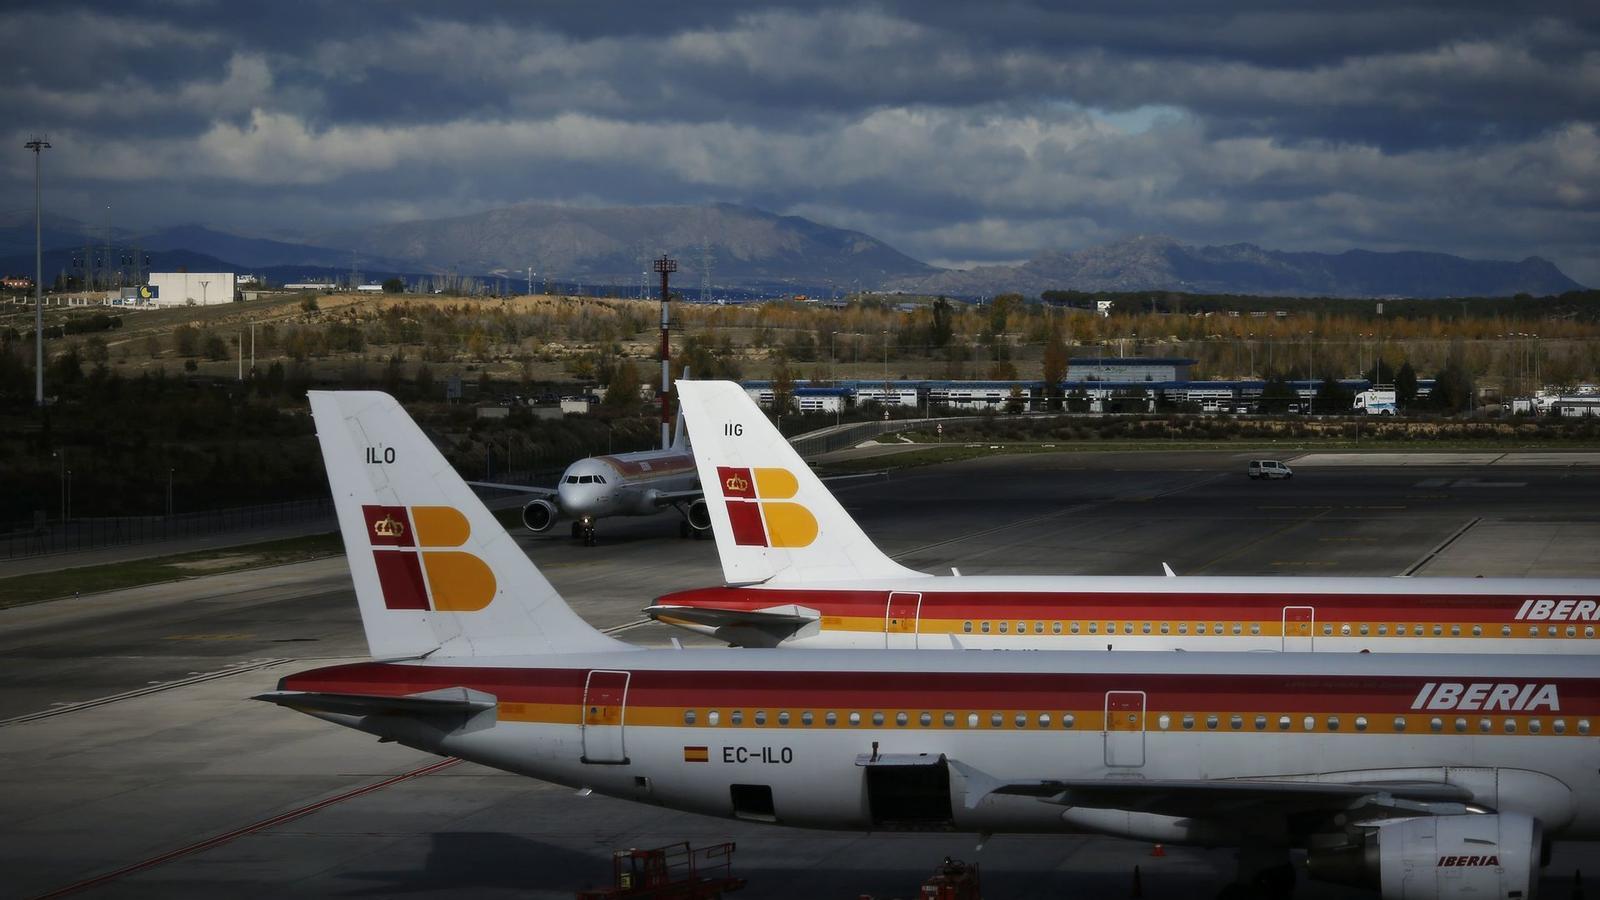 Imatge de la flota d'Iberia a l'aeroport del Prat